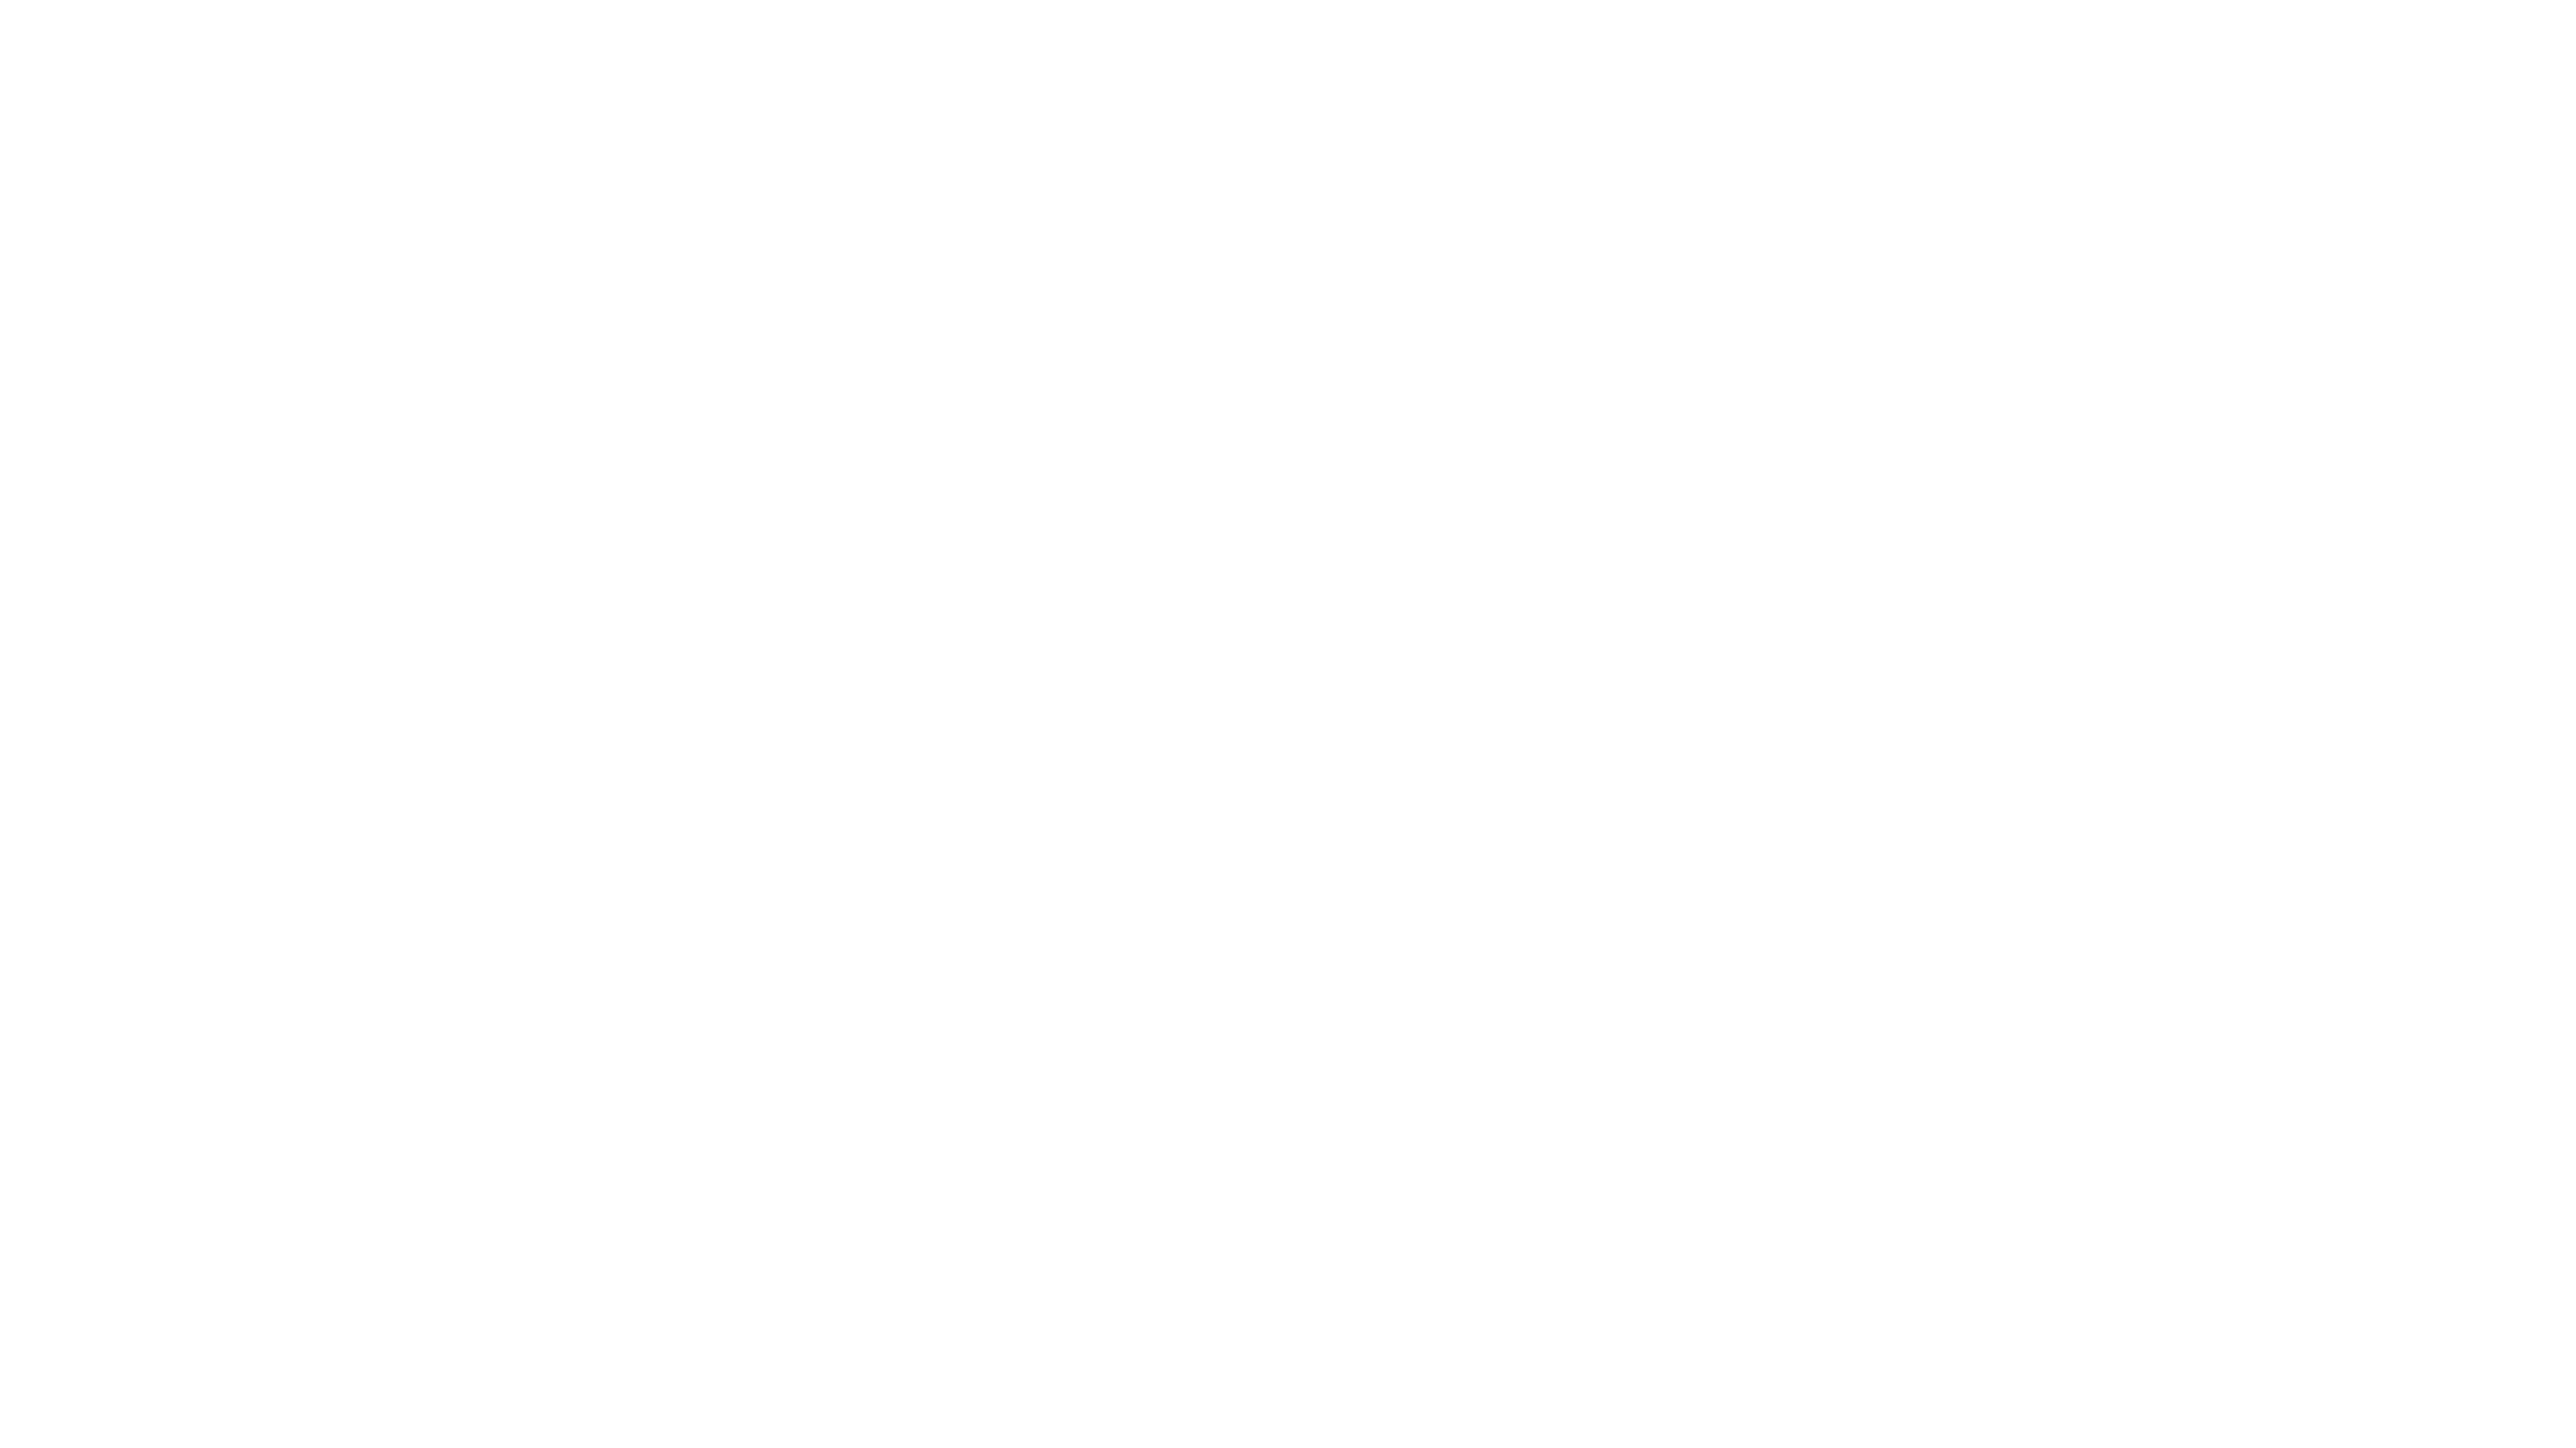 Valkering Media